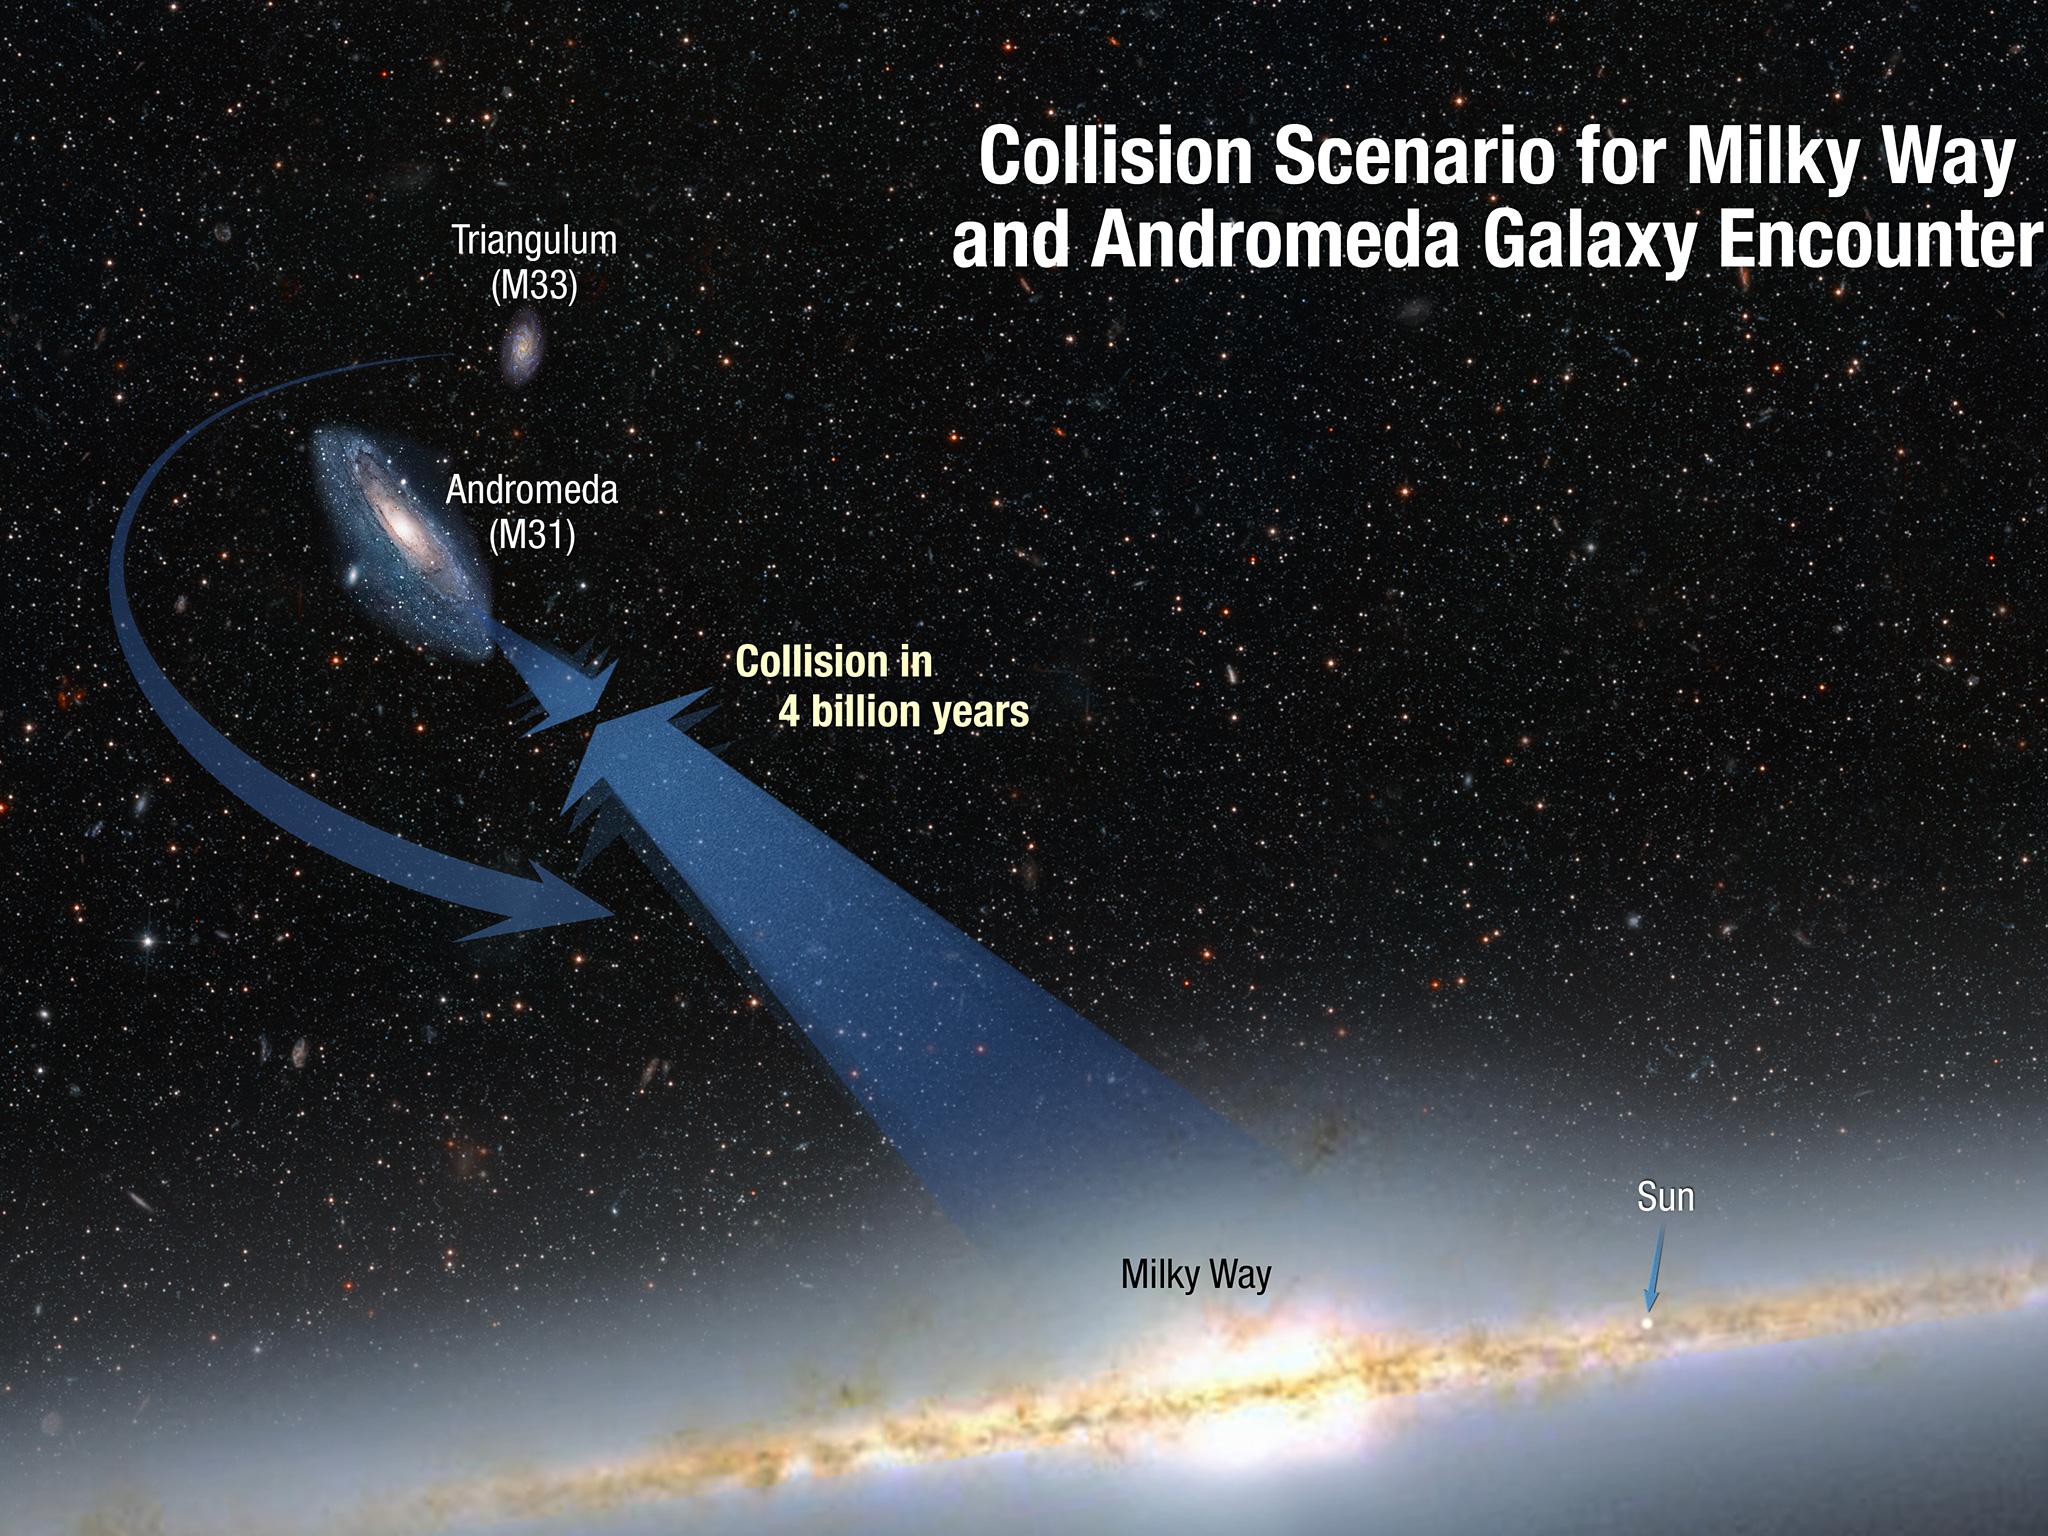 collision scenario for milky way and andromeda galaxy